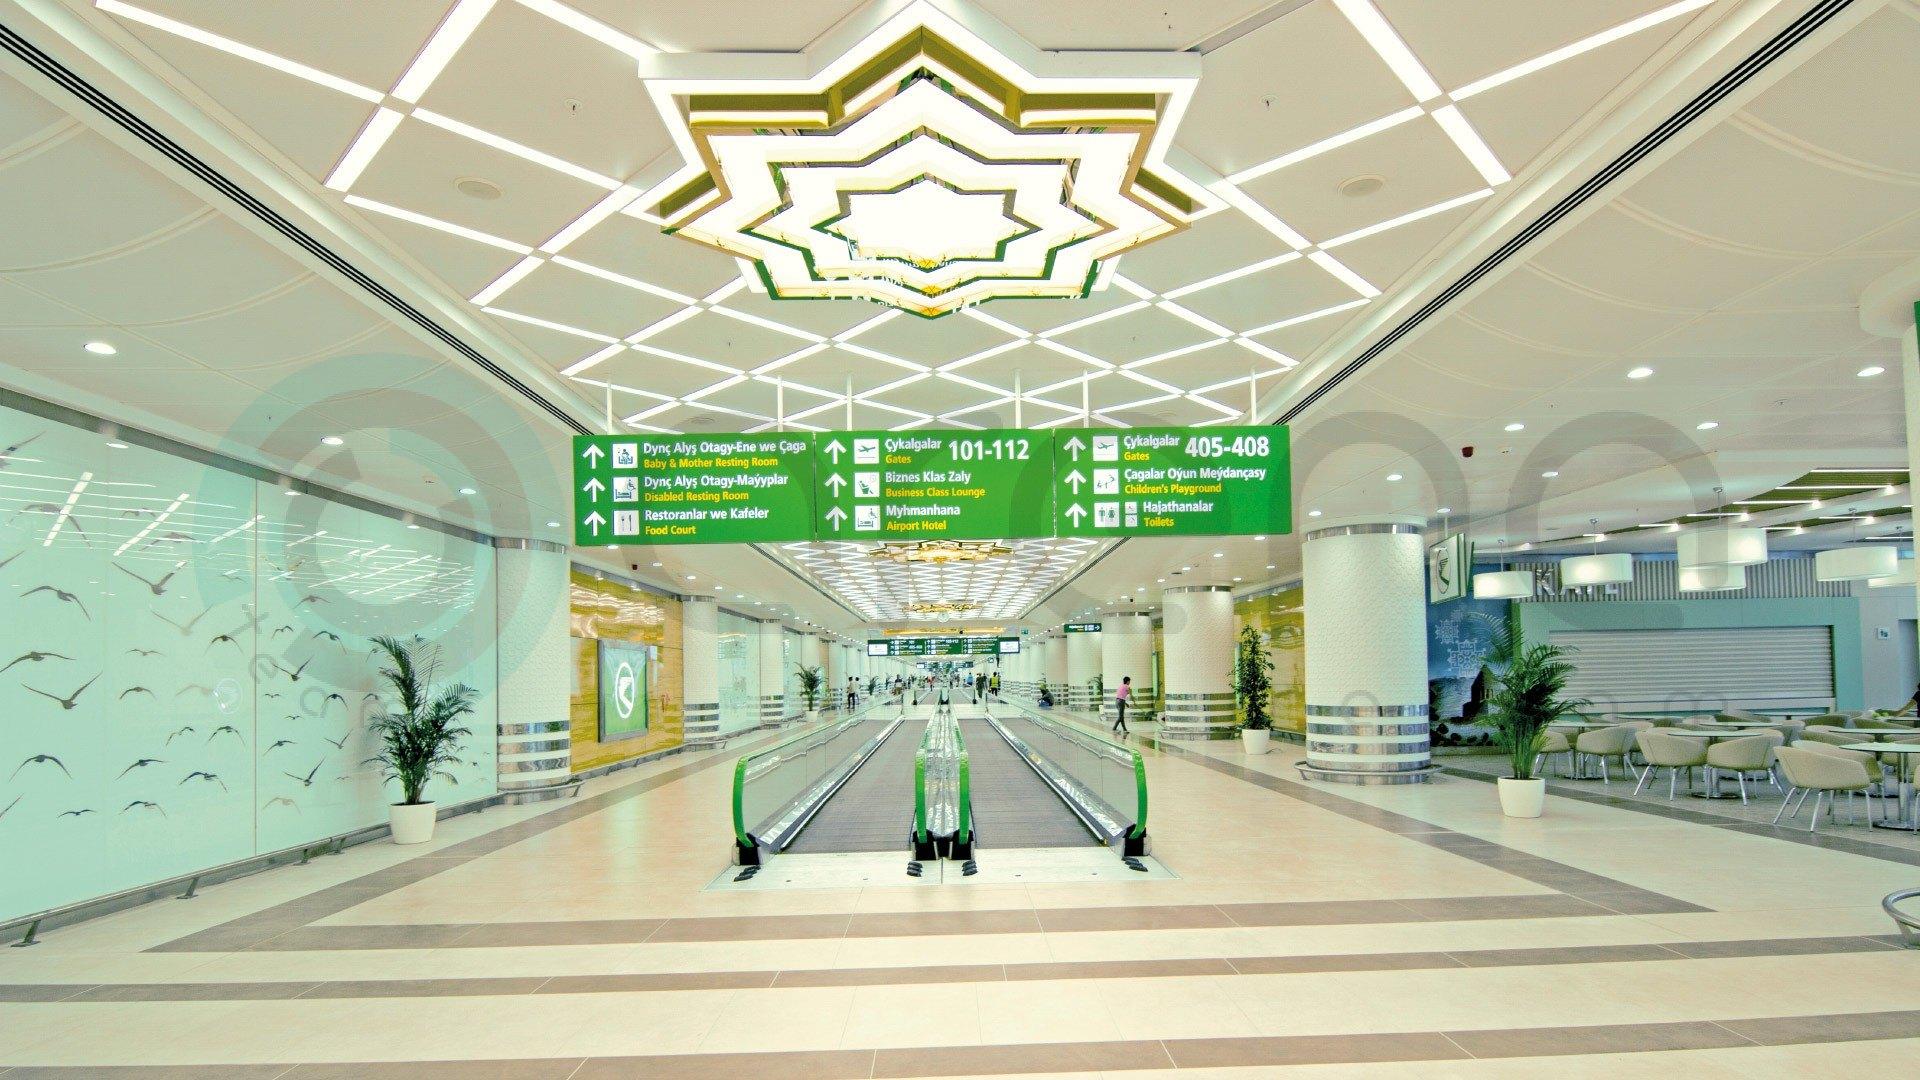 Aşkabat Uluslararası Havaalanı